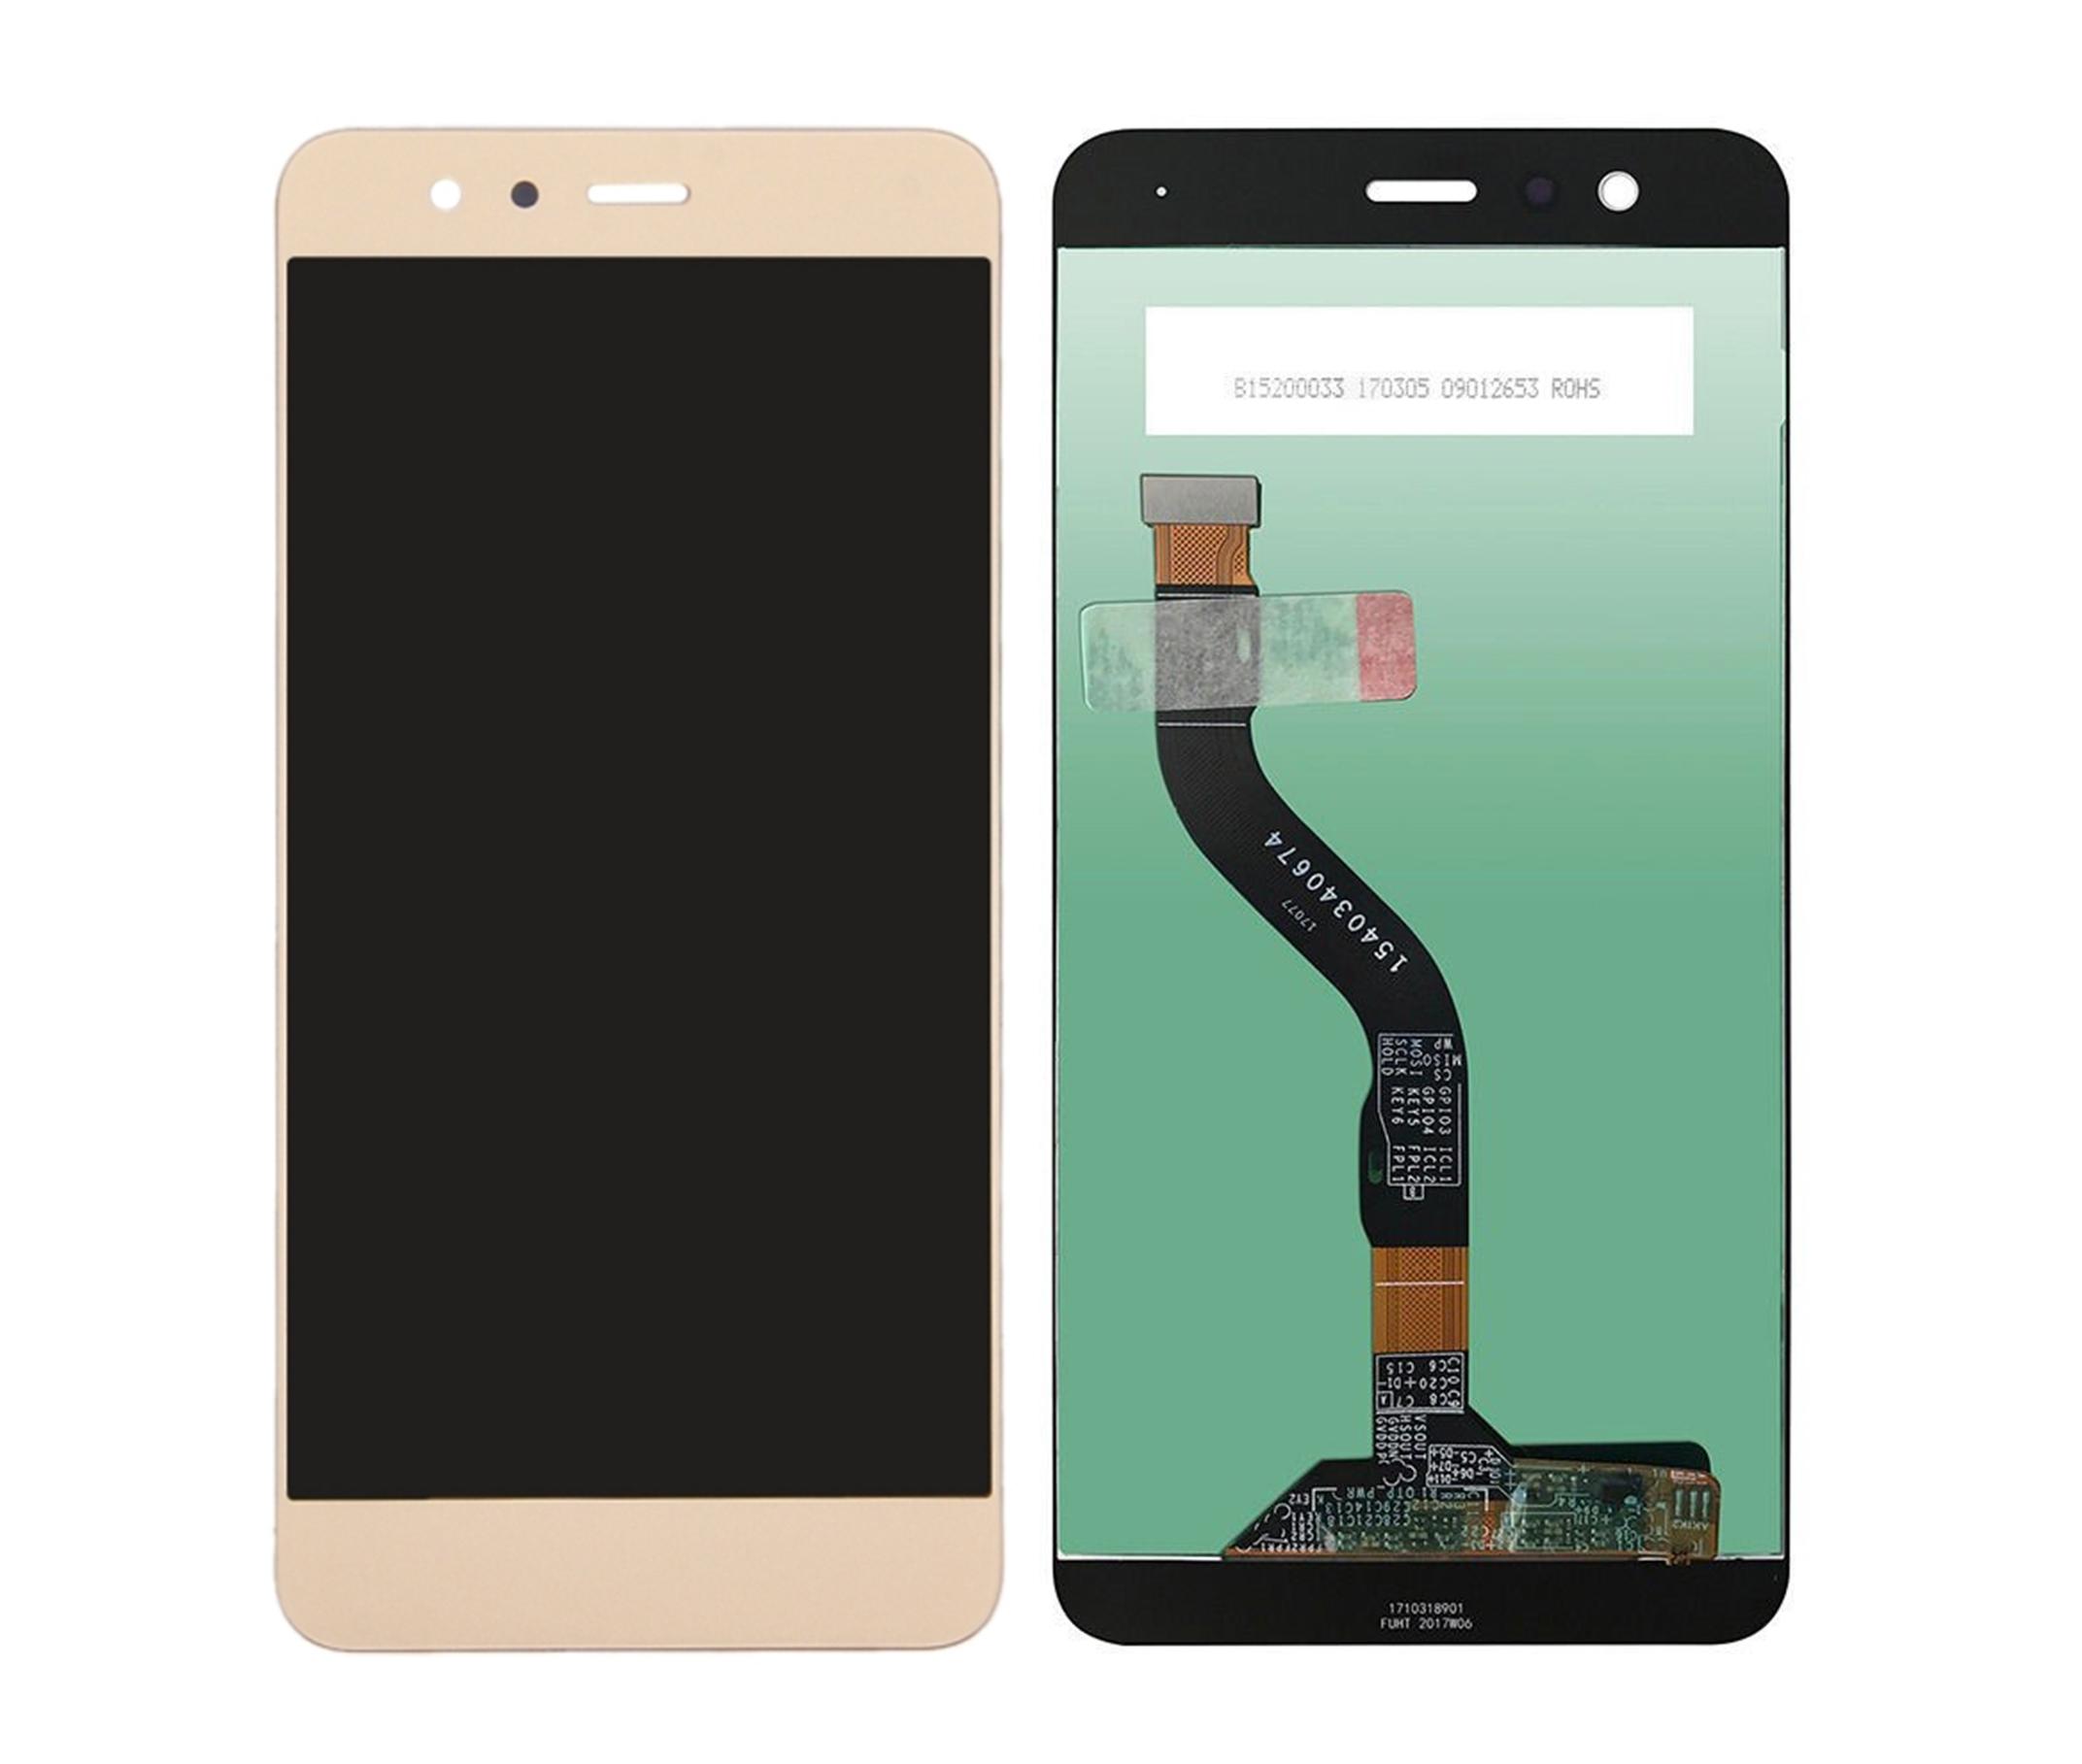 ราคาหน้าจอชุด+ทัชสกรีน Huawei P10 Lite สีทอง แถมฟรีไขควง ชุดแกะเครื่อง อย่างดี